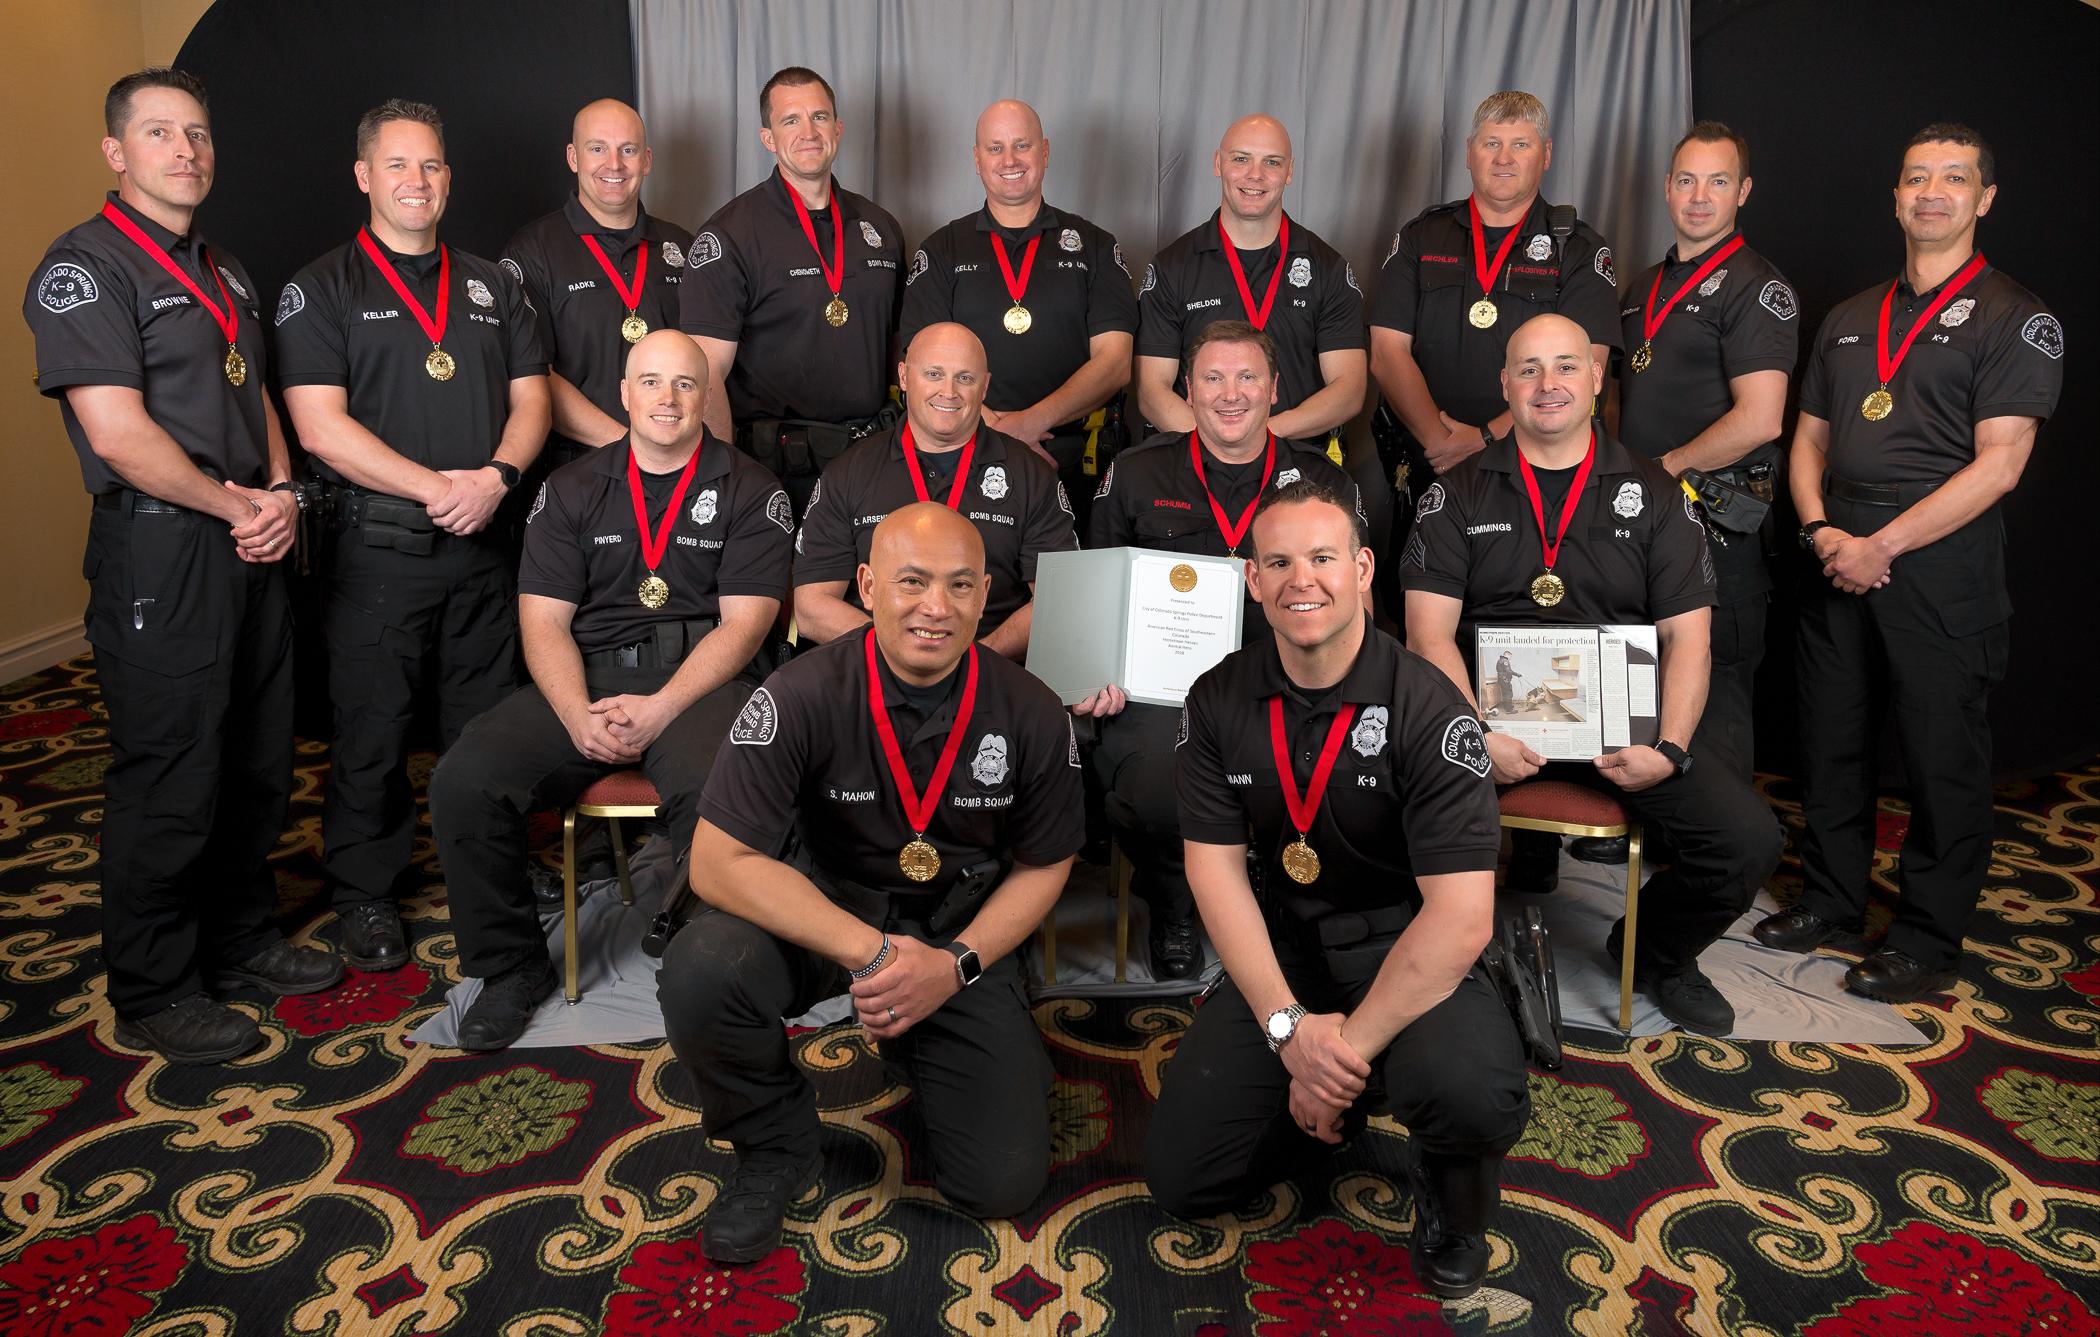 Red Cross Colorado Springs Hometown Heroes Award Dinner, 2018